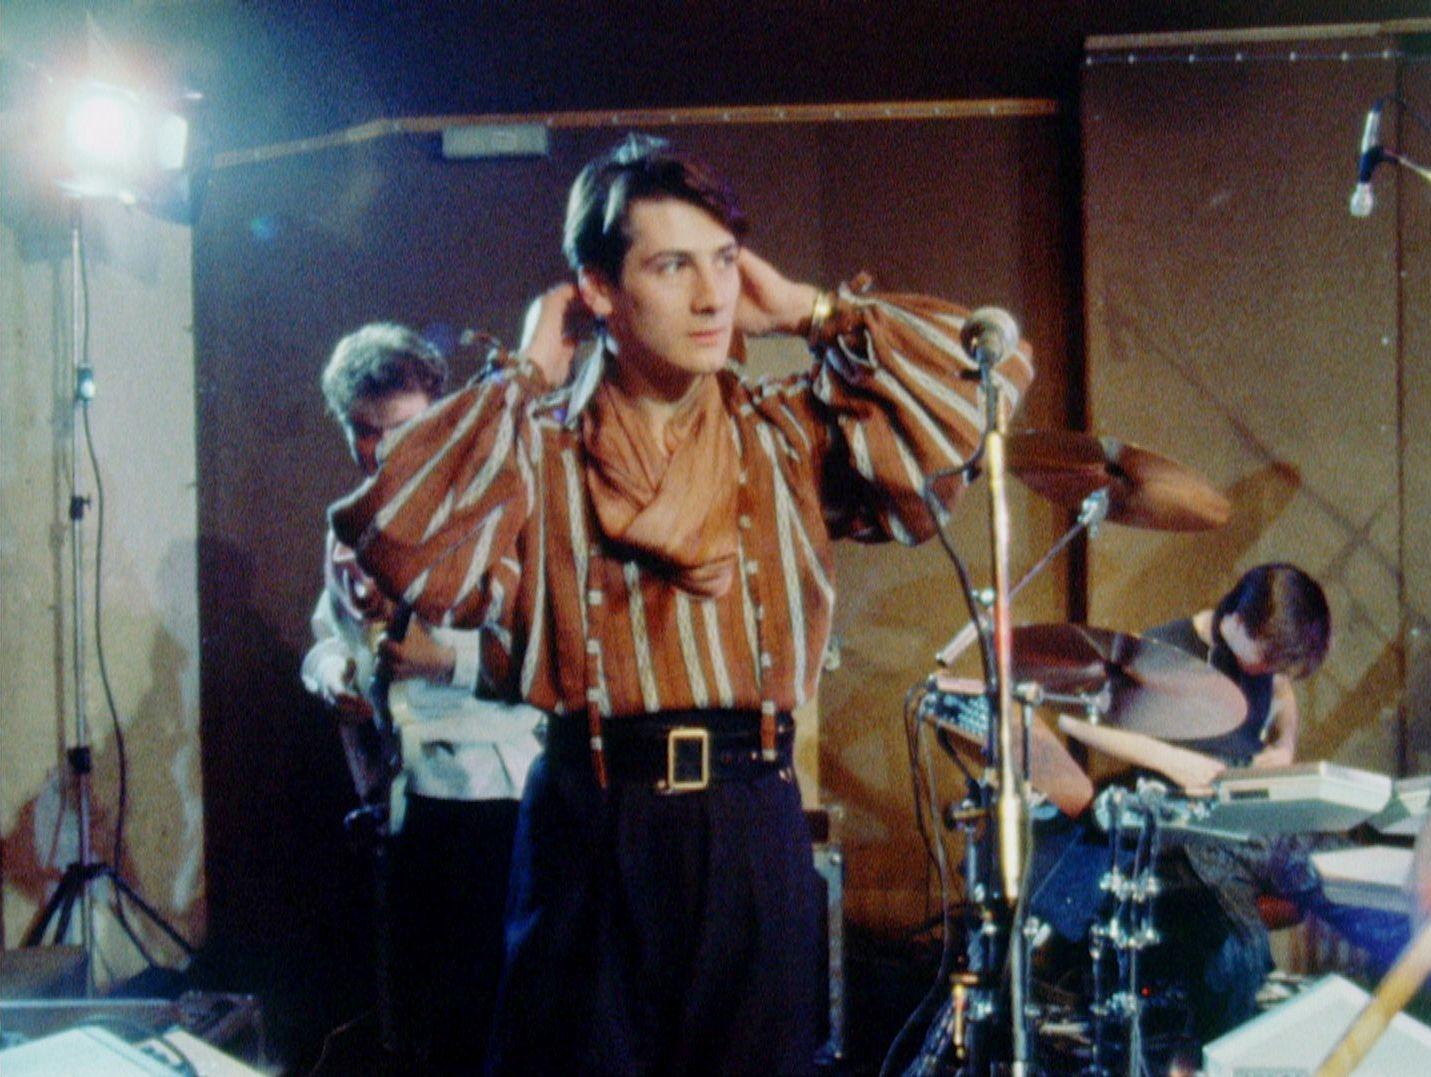 SPANDAU BALLET - Il Film - Soul Boys of the Western World: Tony Hadley mette in mostra tutto il suo fascino in un'immagine del film